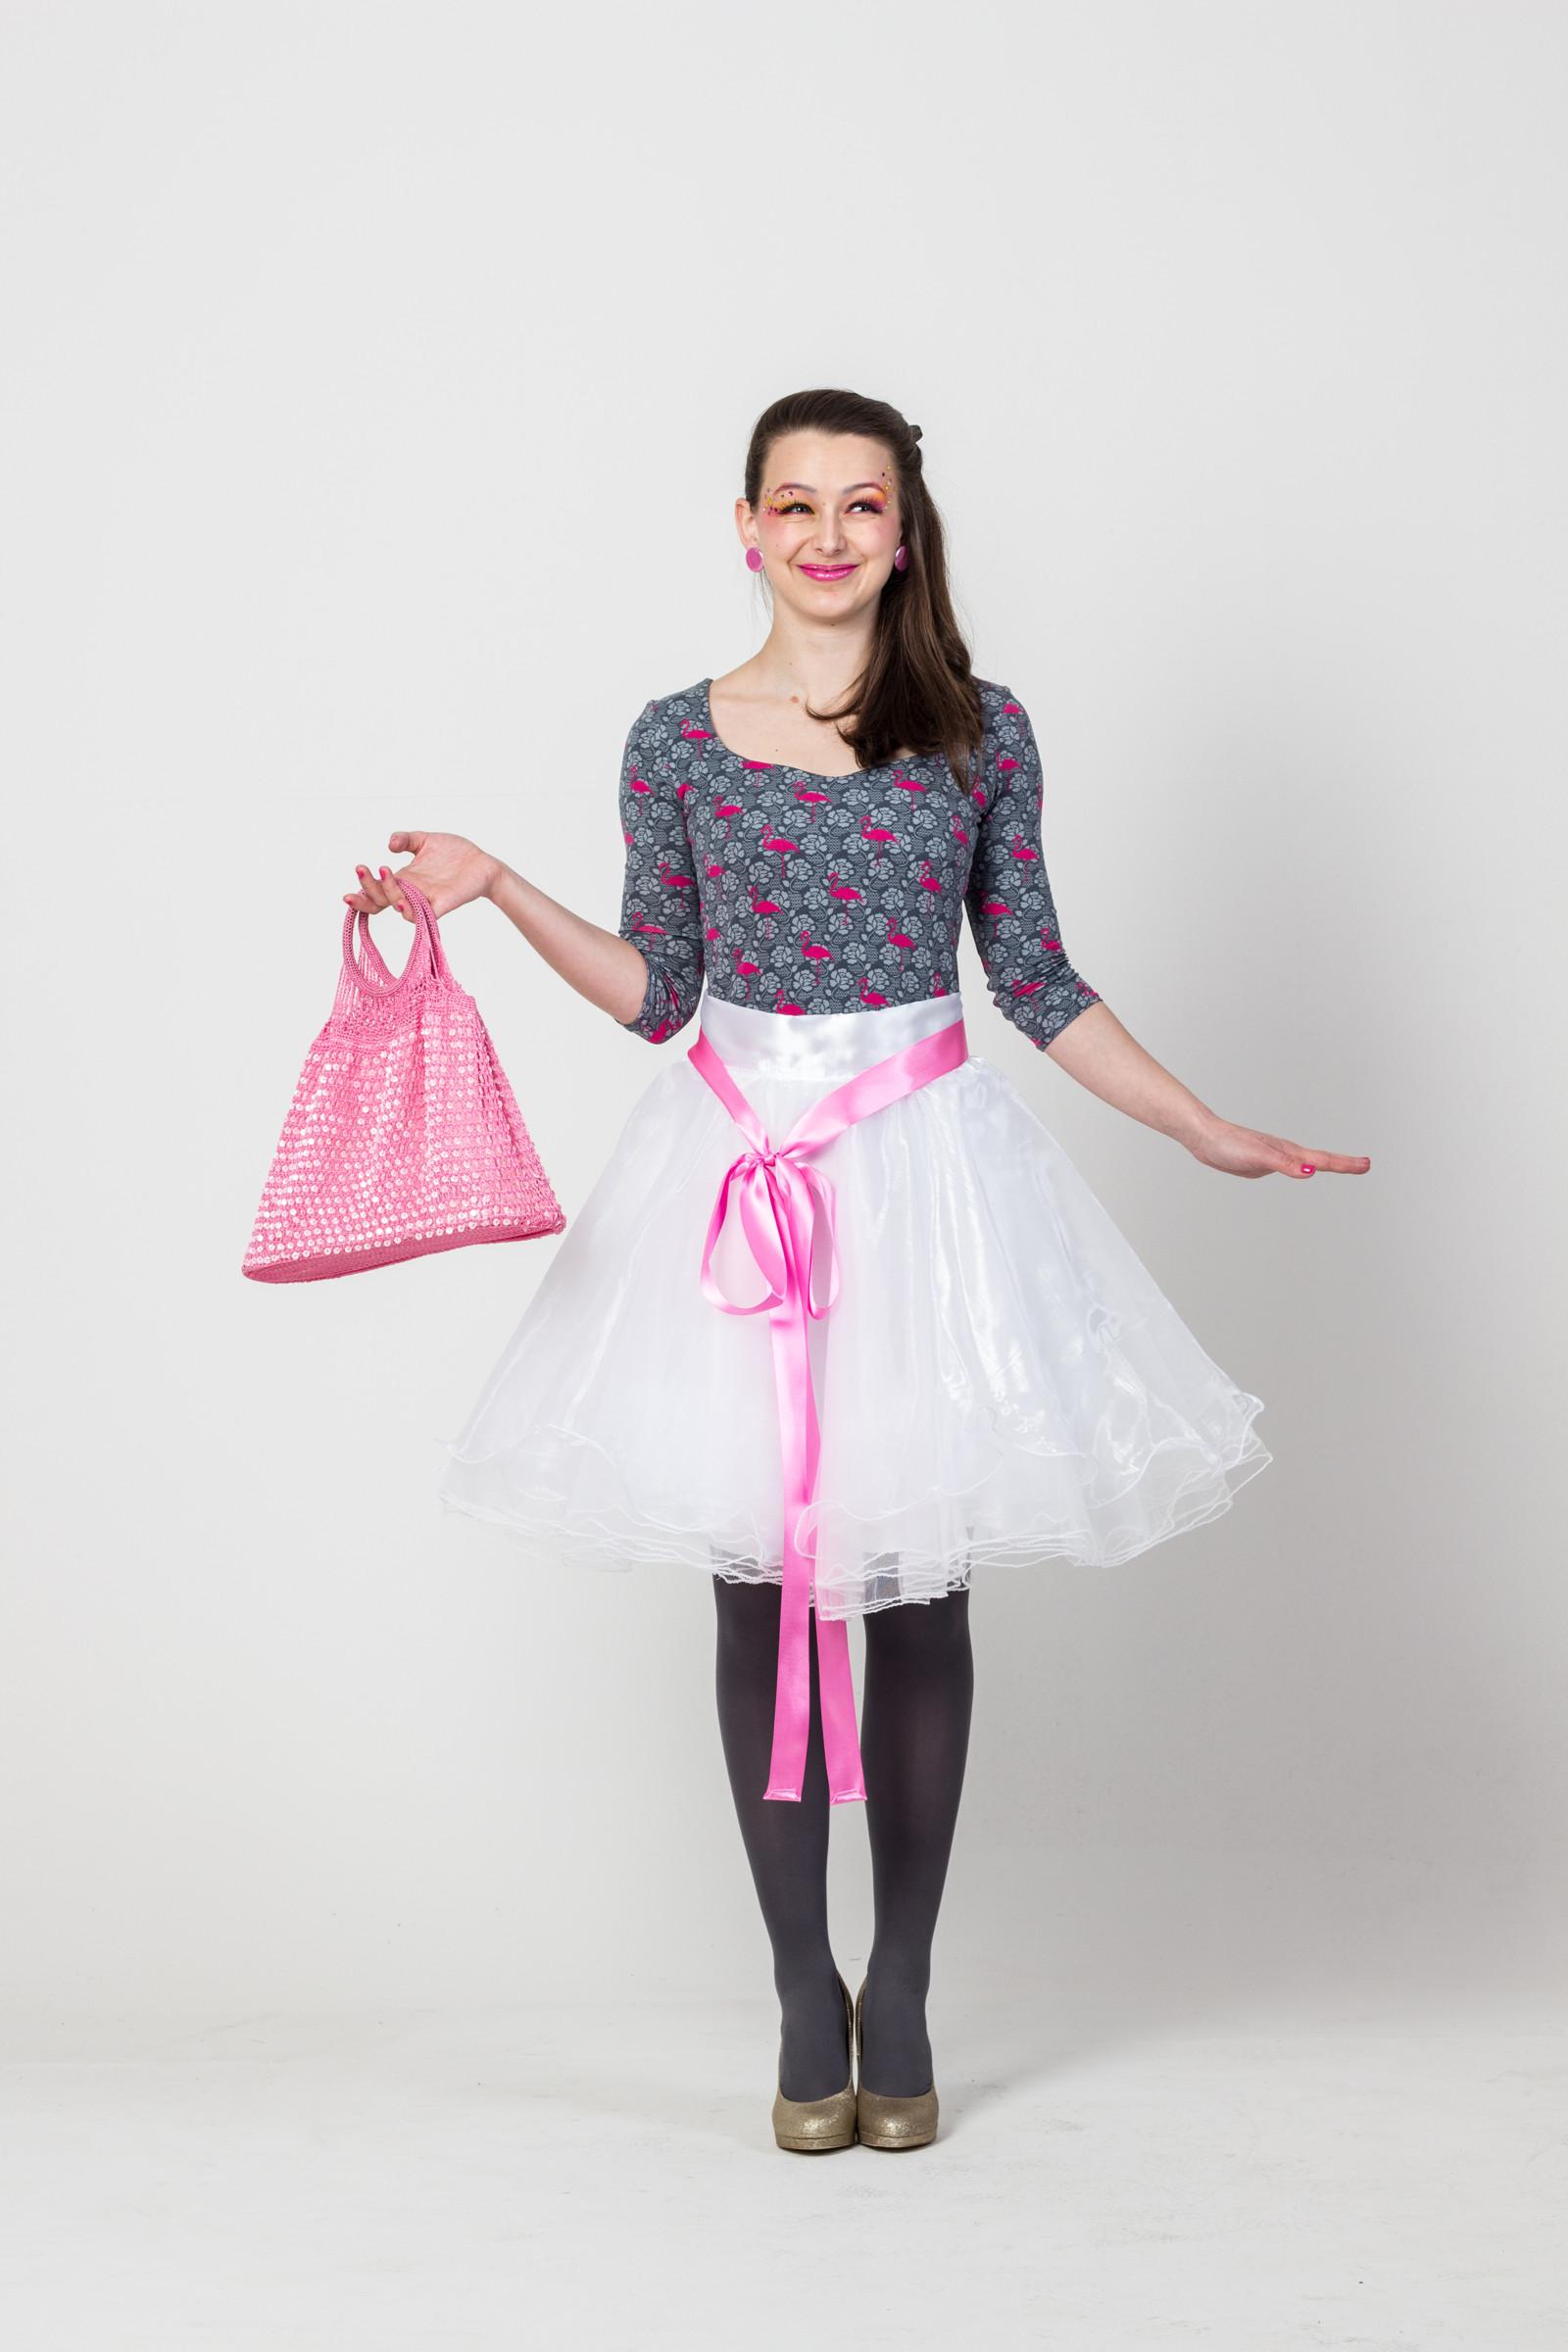 Bílá tylová sukně - Drůžička   Zboží prodejce VerLyba  722e836ae3